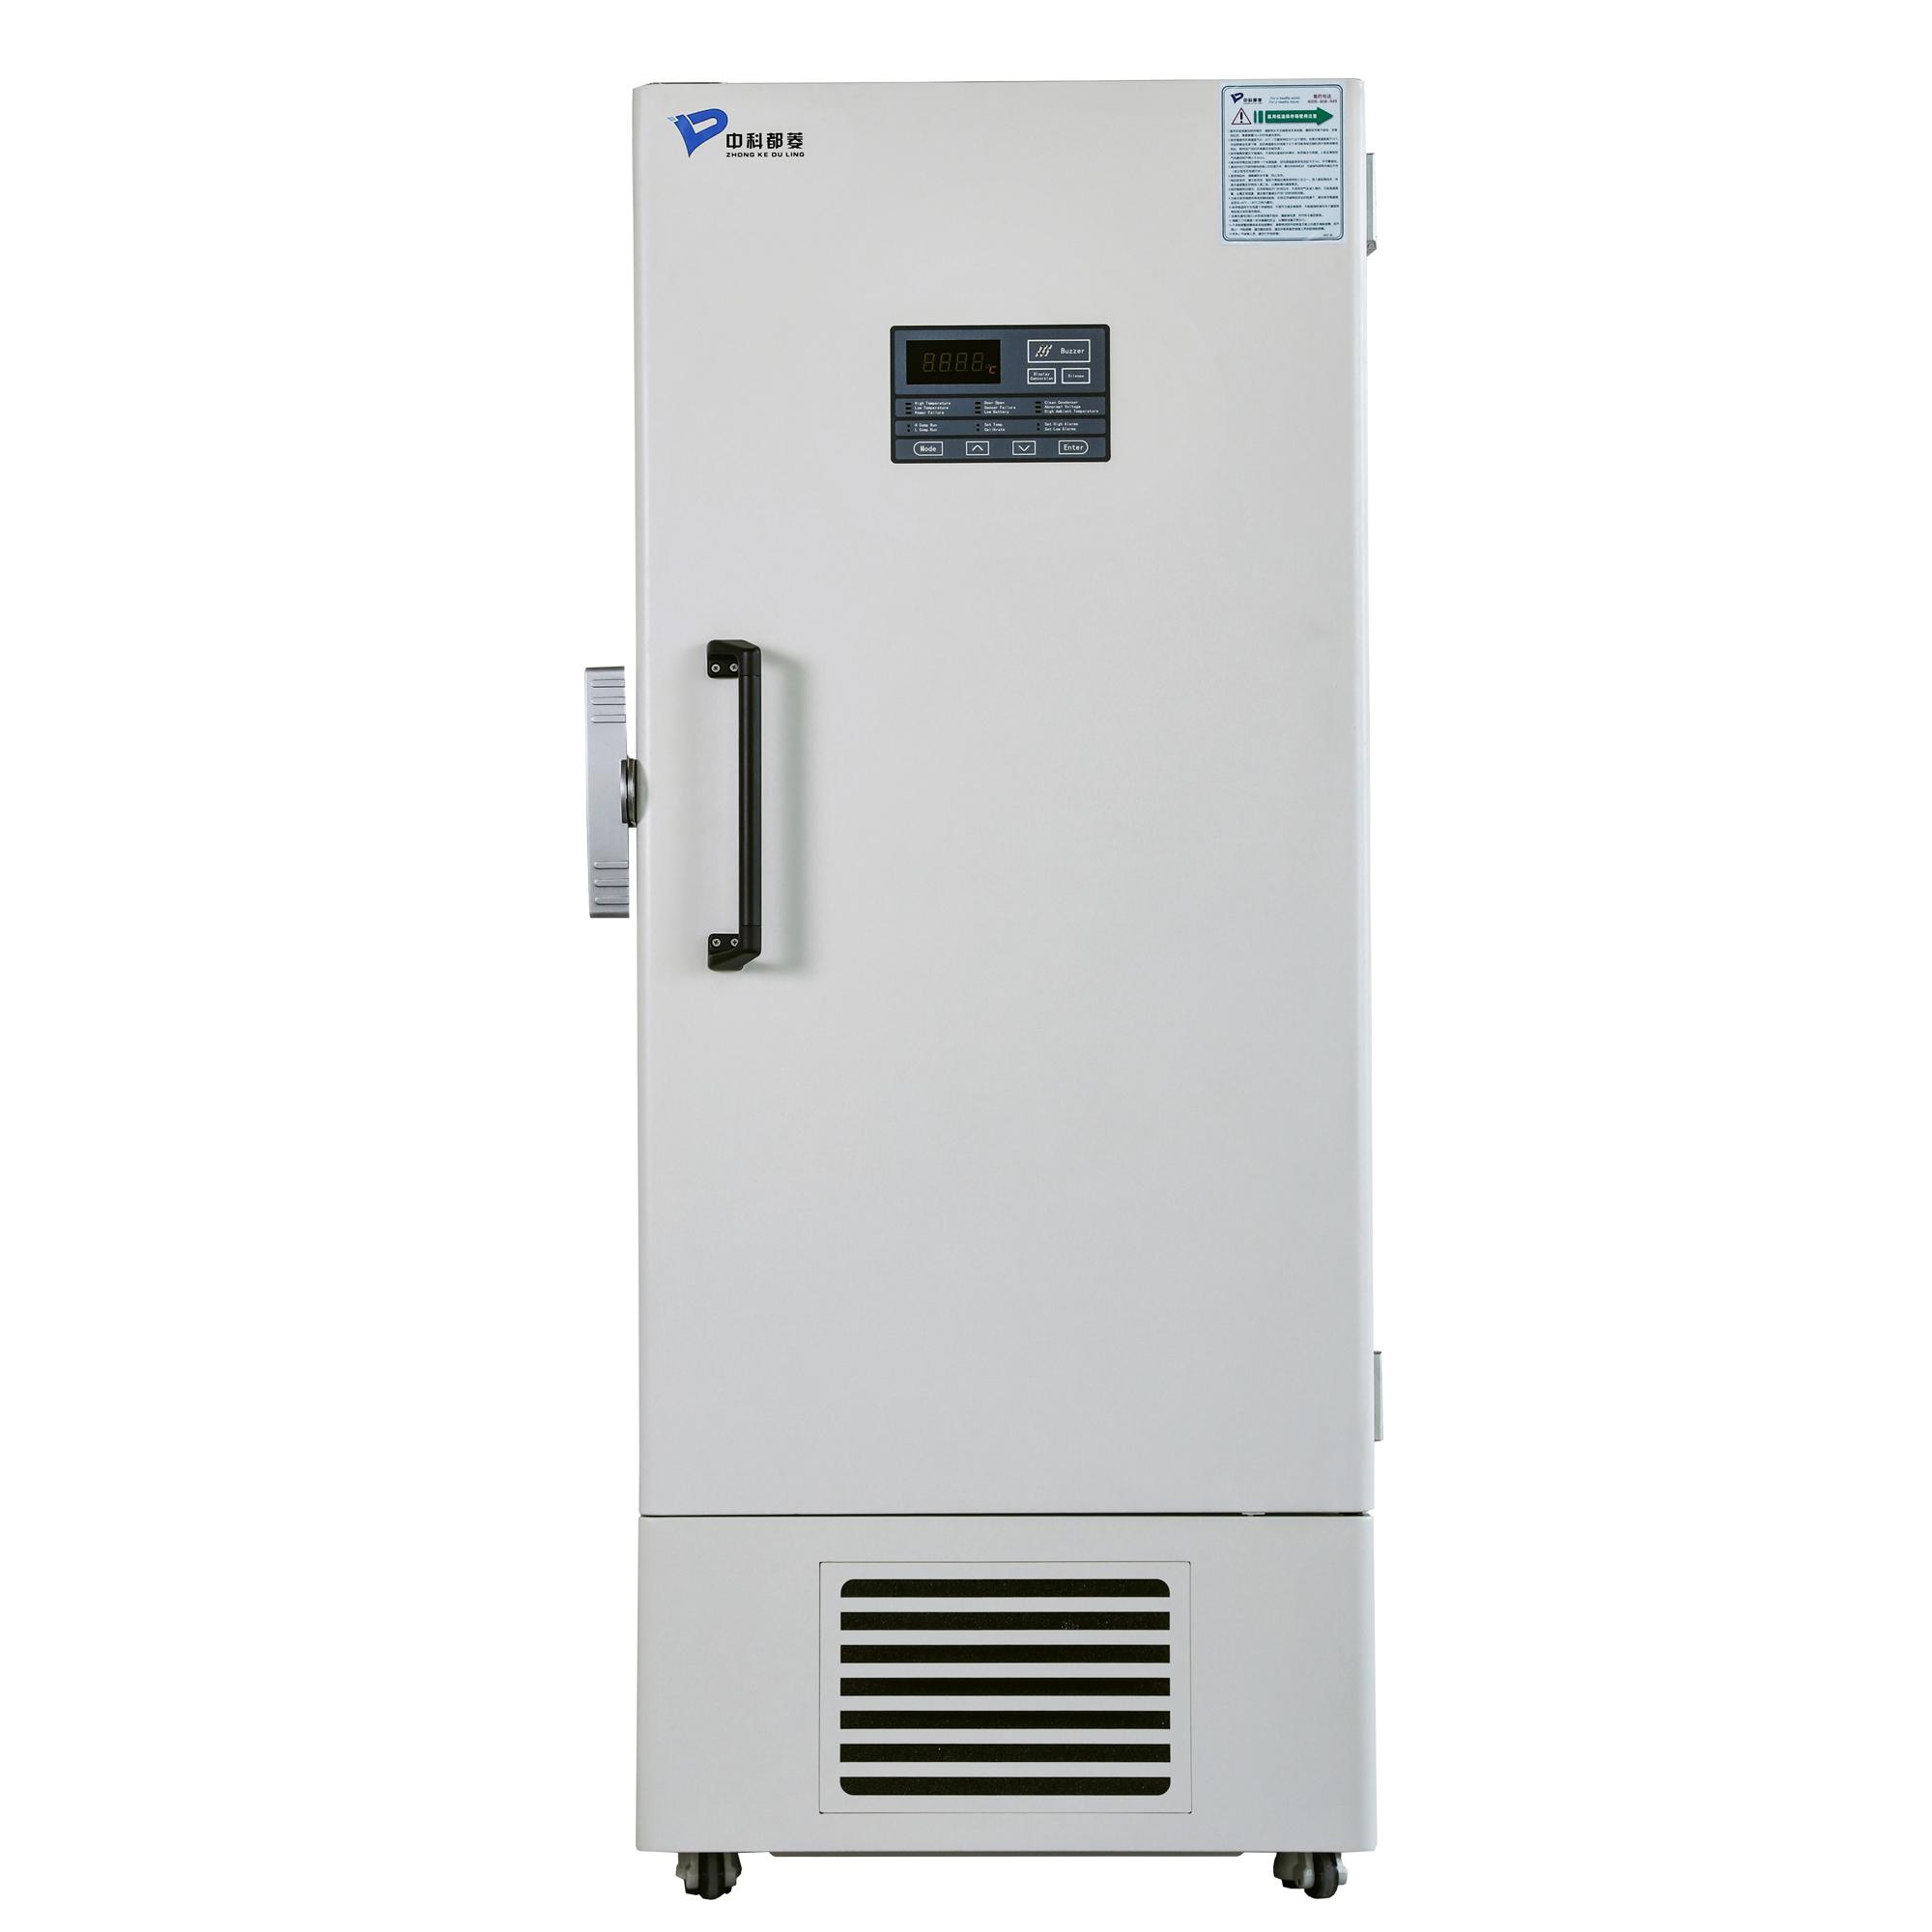 -86 ℃超低温冰箱(MDF-86V588E / MDF-86V838E)